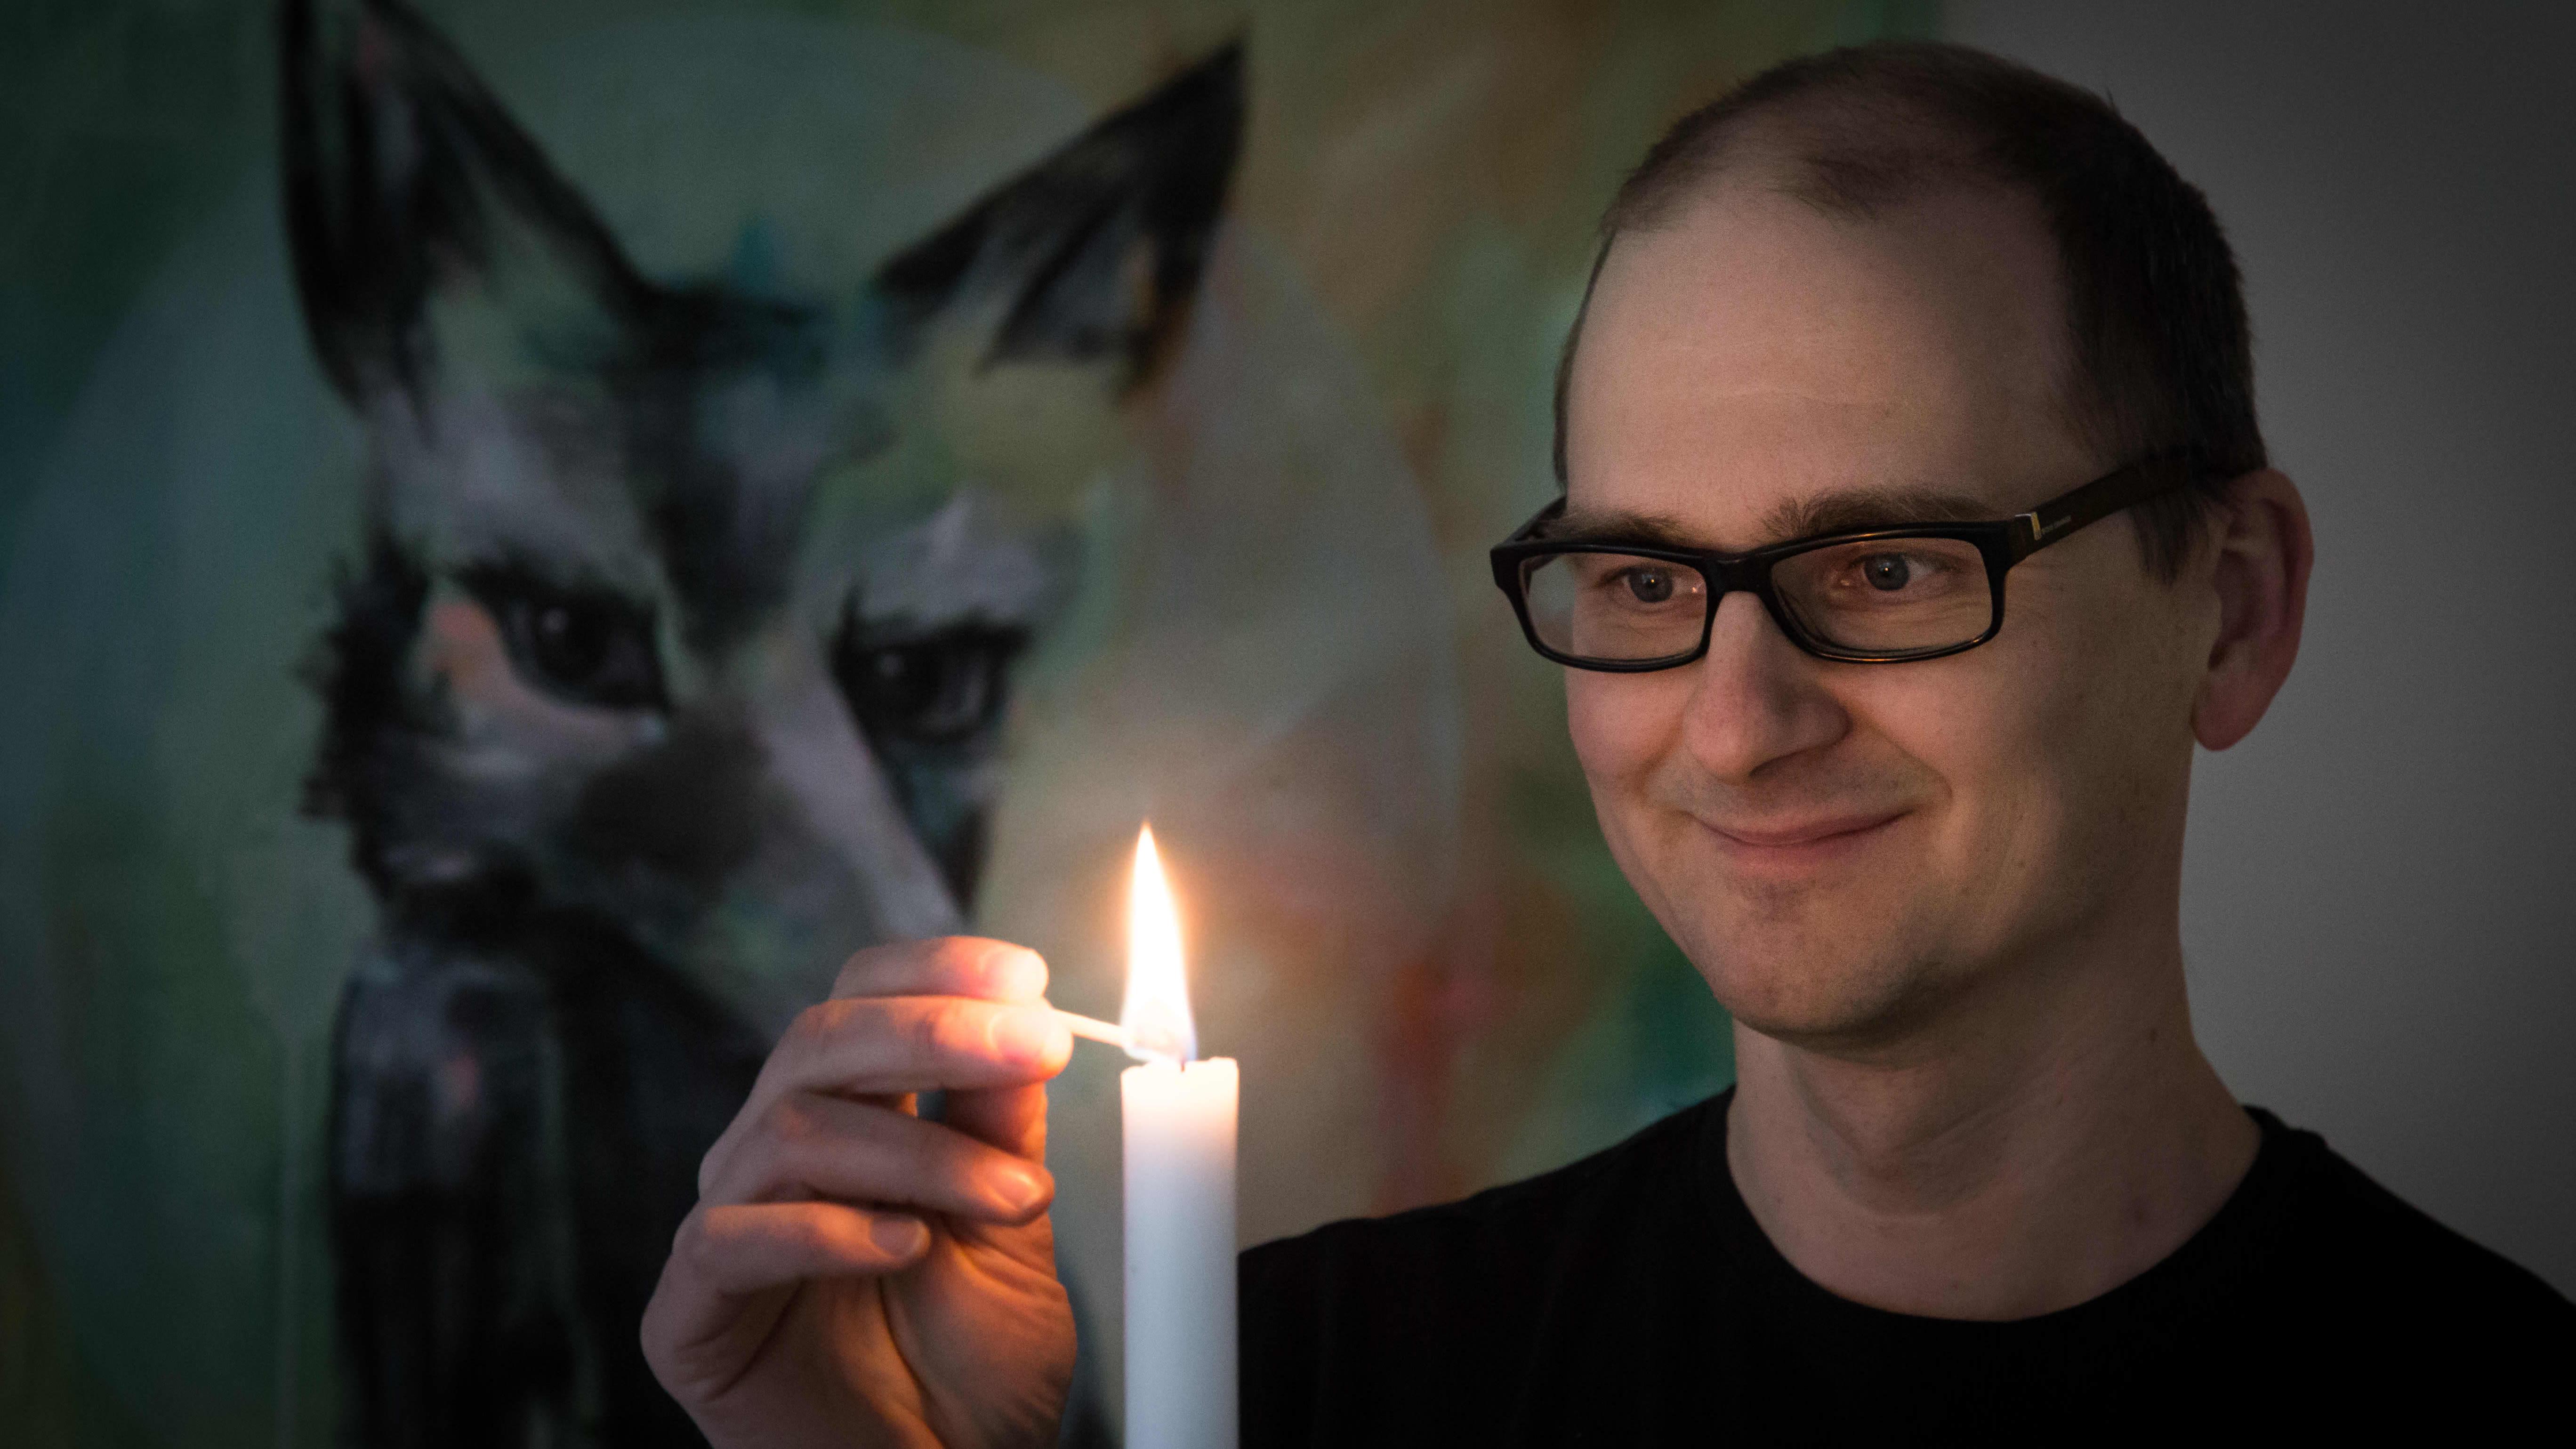 Leo Stranius sytyttää kynttilää.